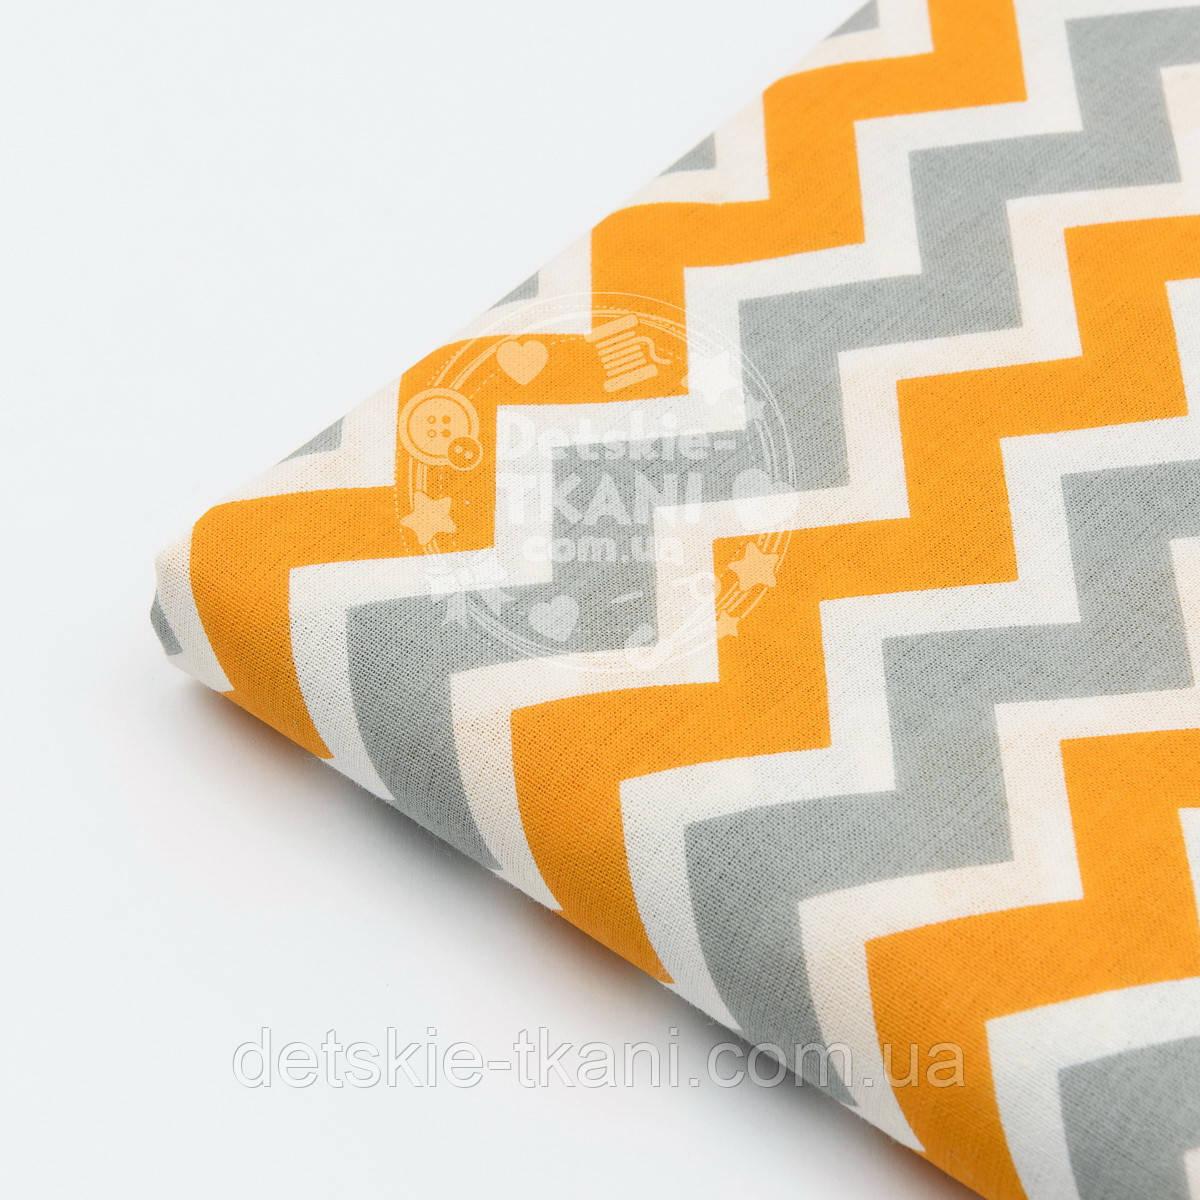 Лоскут ткани №545а ткань с серым и тёмно-жёлтым зигзагом,